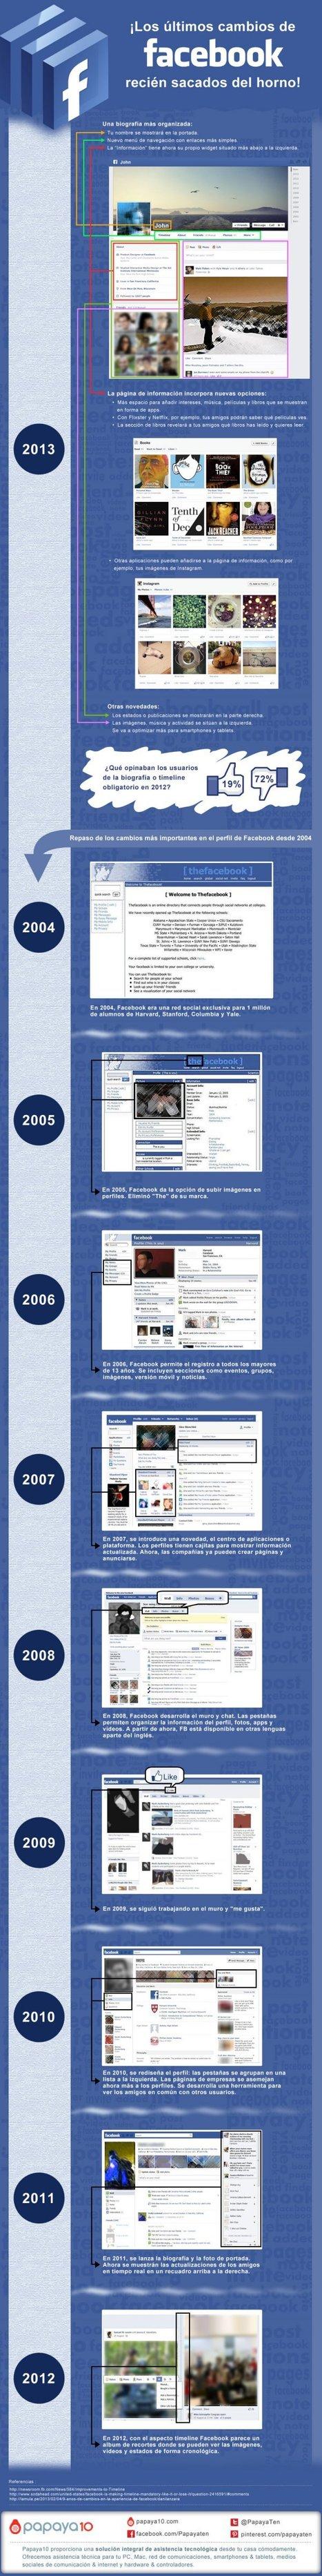 Los últimos cambios de #Facebook en una infografía en español | Gabriel Catalano human being | #INperfeccion® a way to find new insight & perspectives | Scoop.it